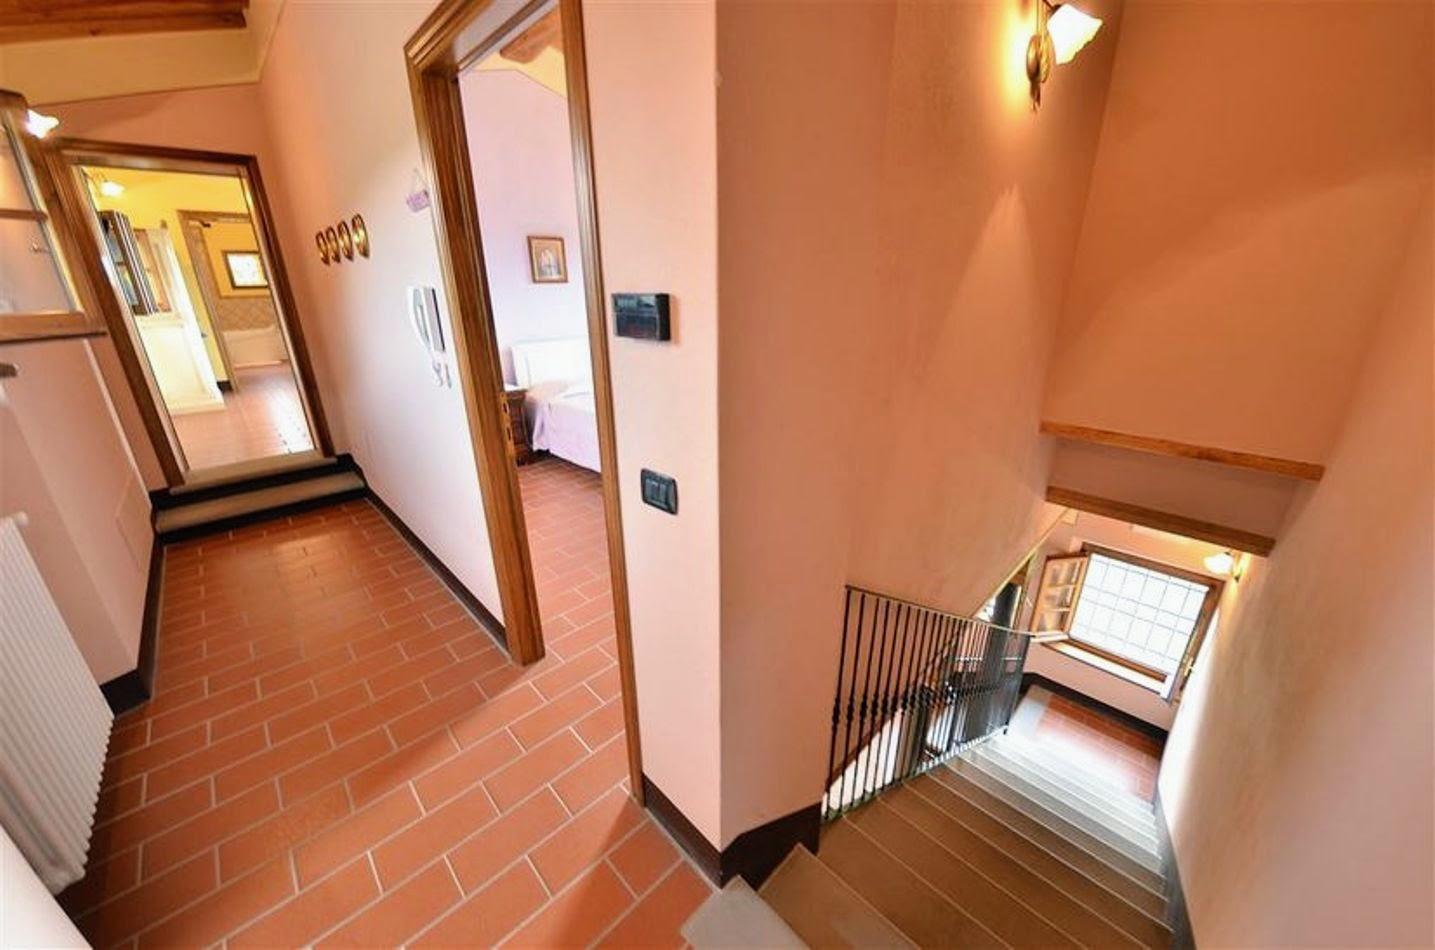 Ferienhaus Casale di Buggiano (1975399), Buggiano, Pistoia, Toskana, Italien, Bild 20